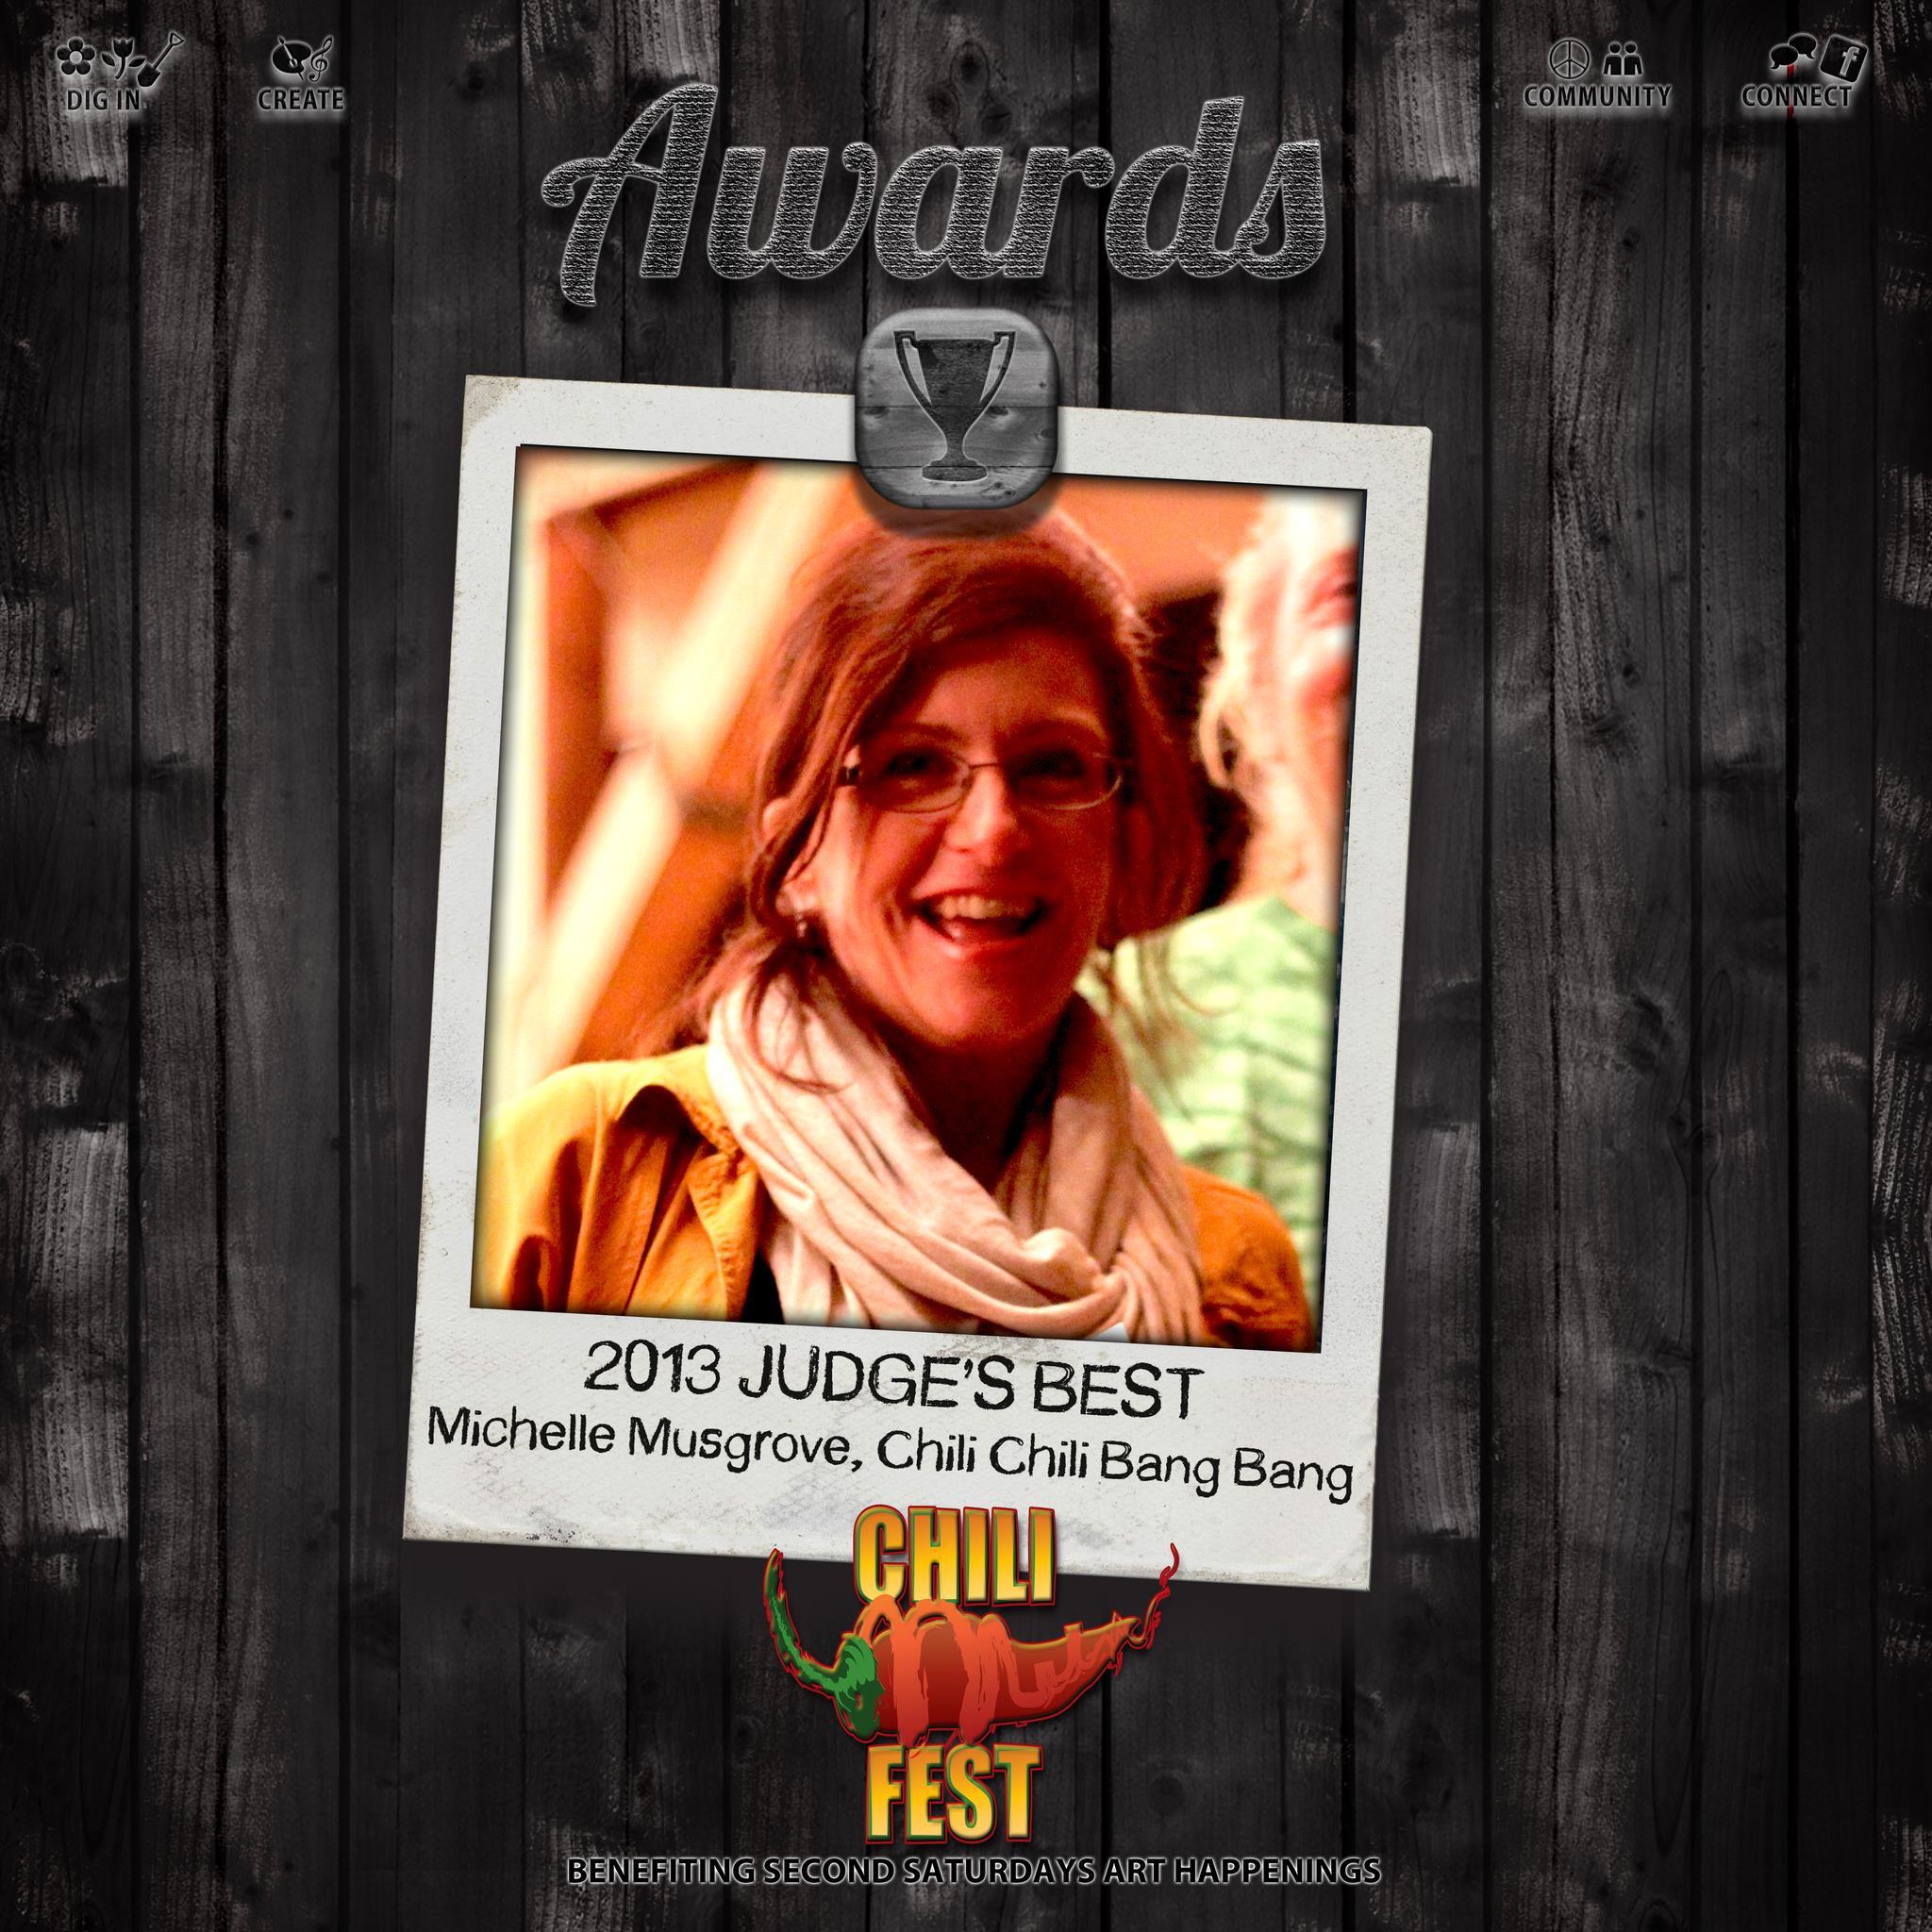 2014 Chilifest